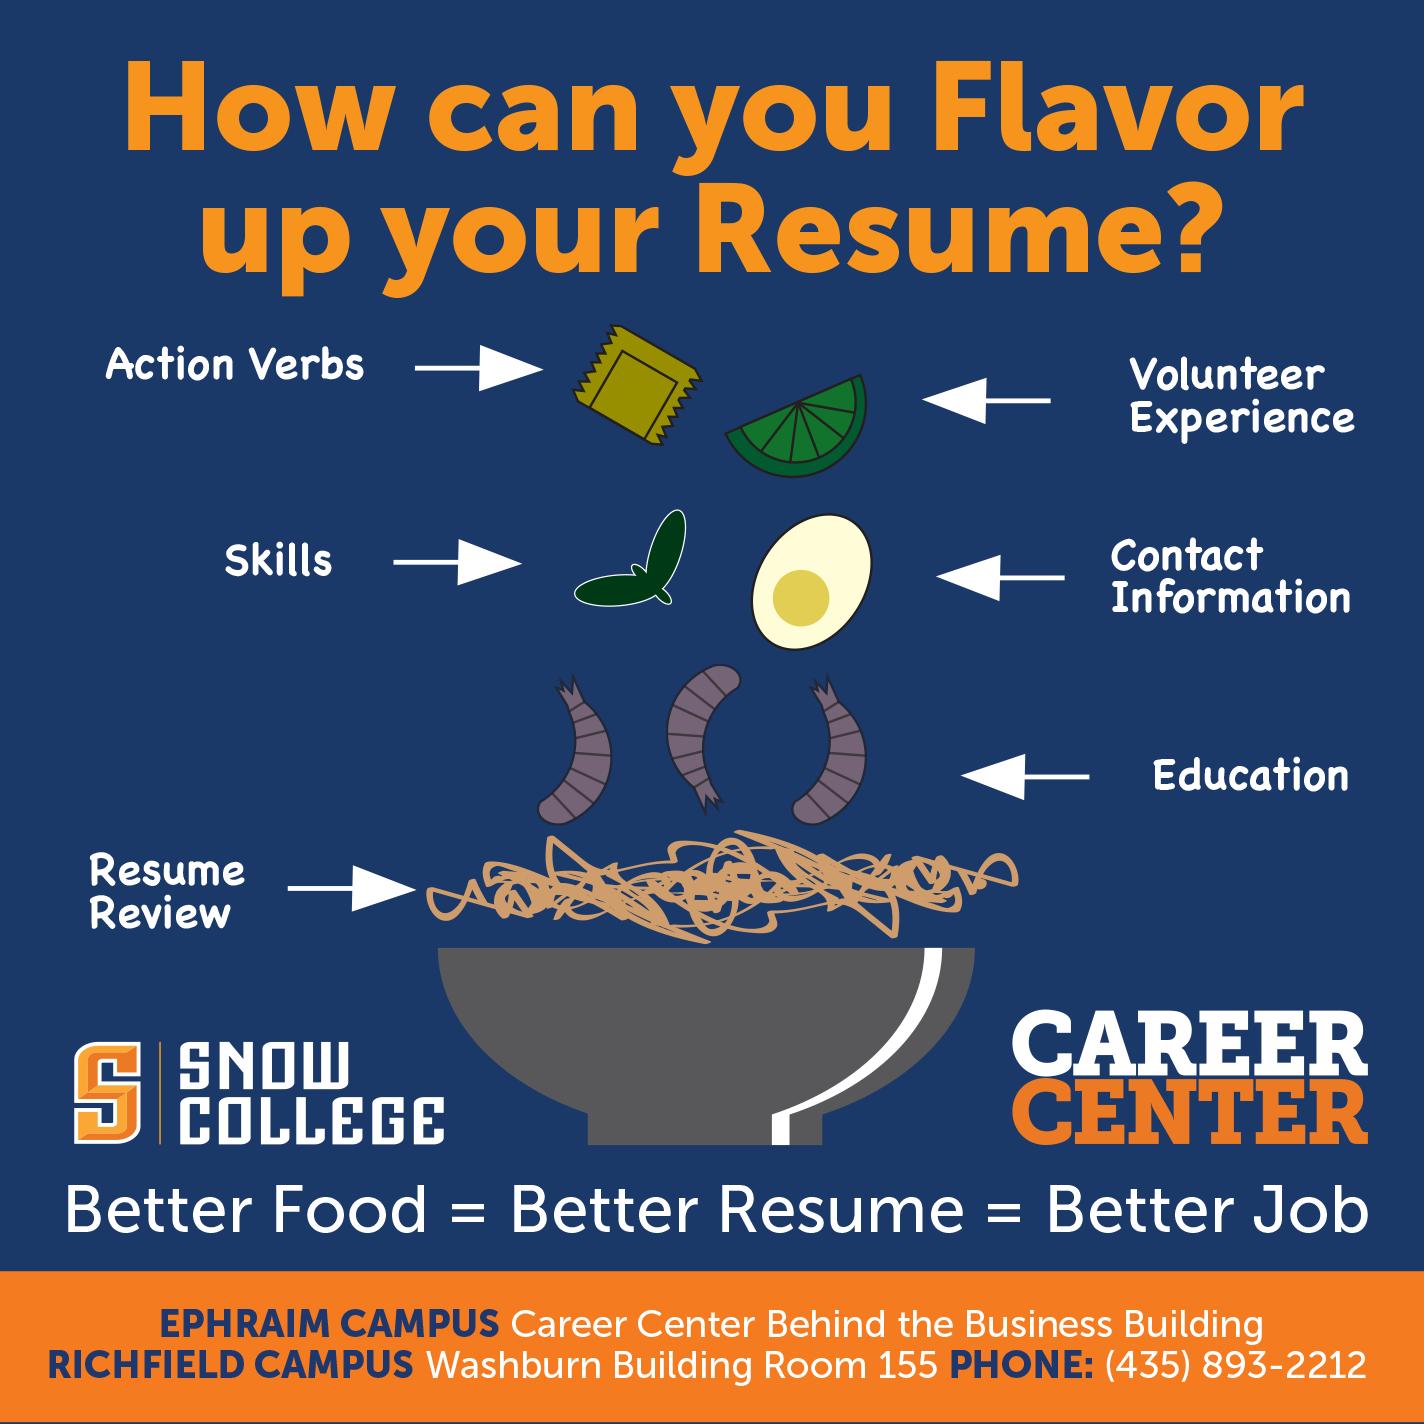 Better Food = Better Resume = Better Job